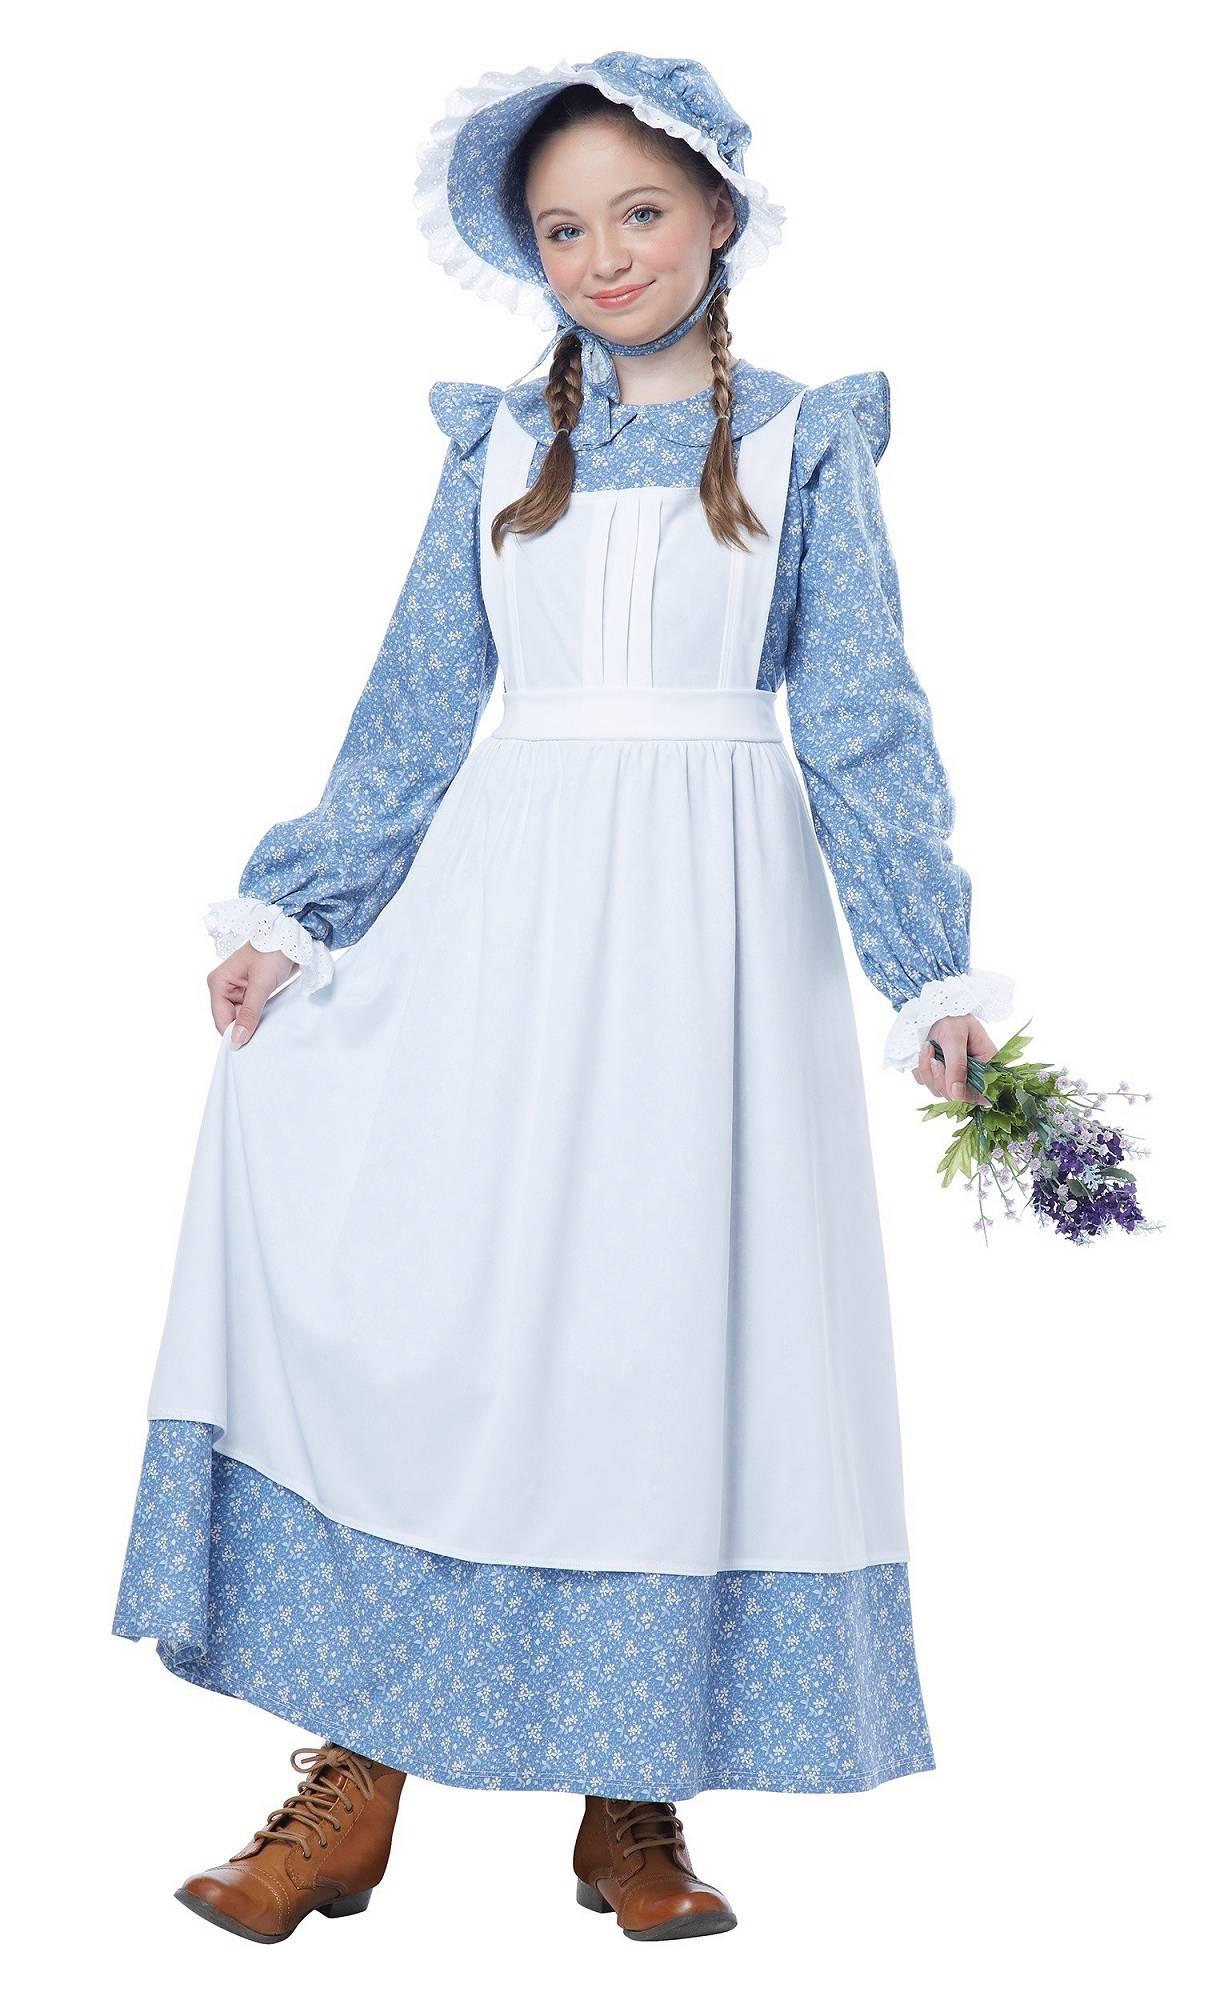 Femme Costume Femme Fermiere Femme Fermiere Costume Fermiere Femme Costume Fermiere Fermiere Femme Costume Costume UzMGqVLSp